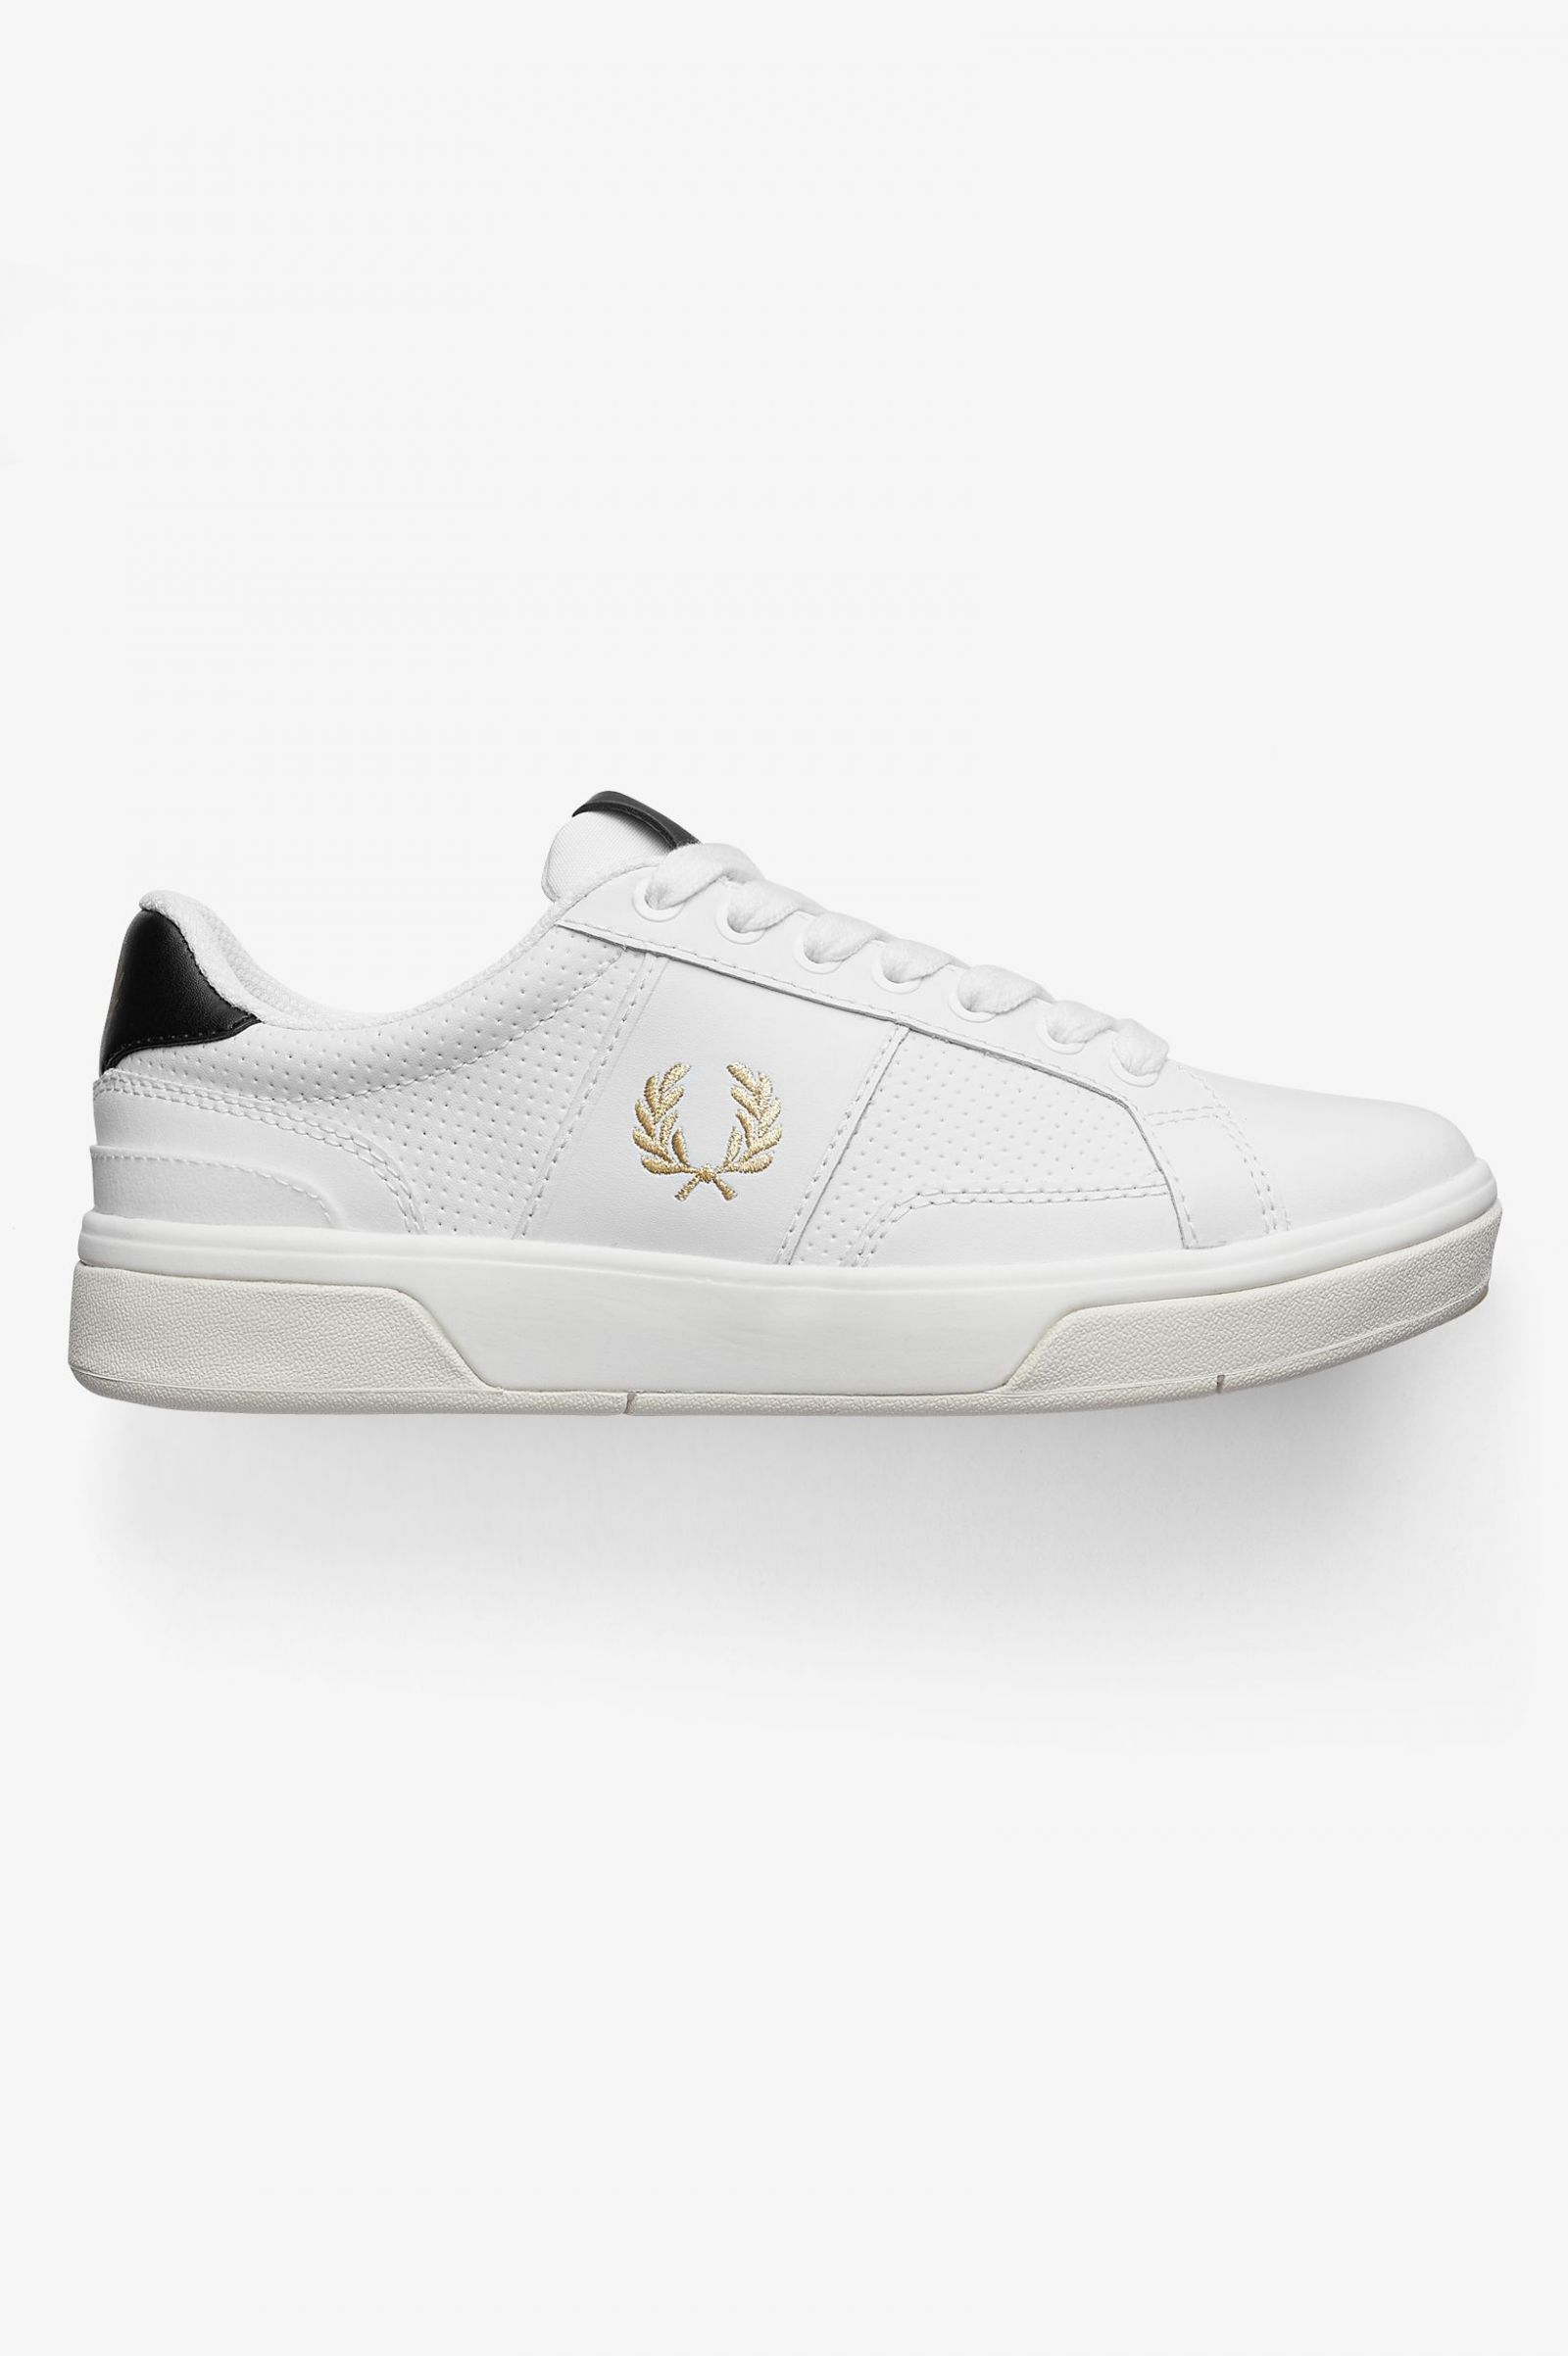 B200 aus perforiertem Leder Weiß | Schuhe für Herren